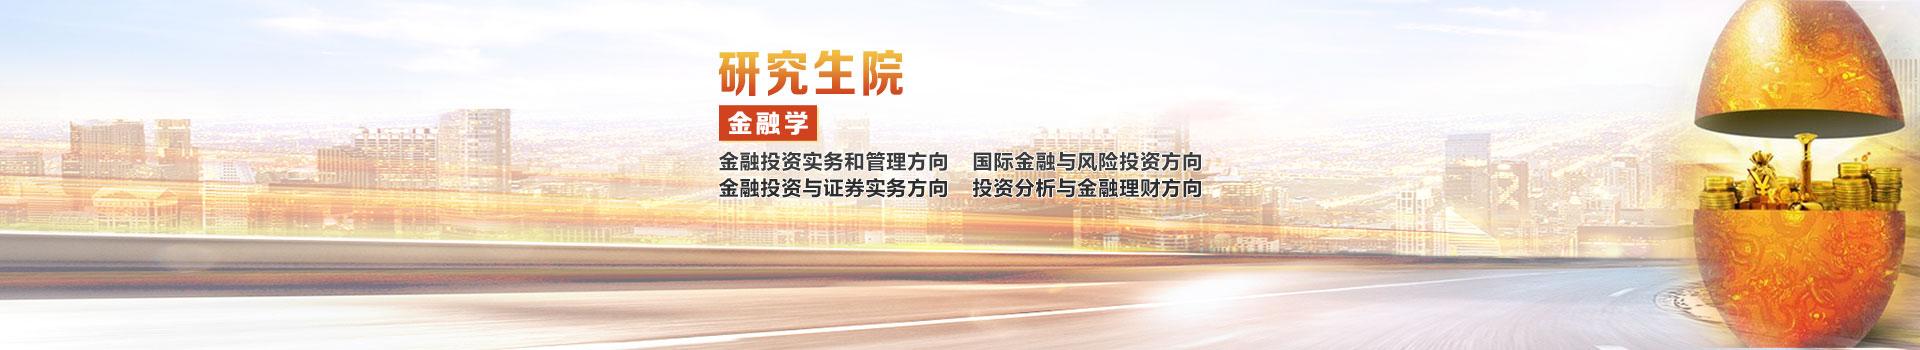 中国社会科学院研究生院(金融学)在职研究生招生简章